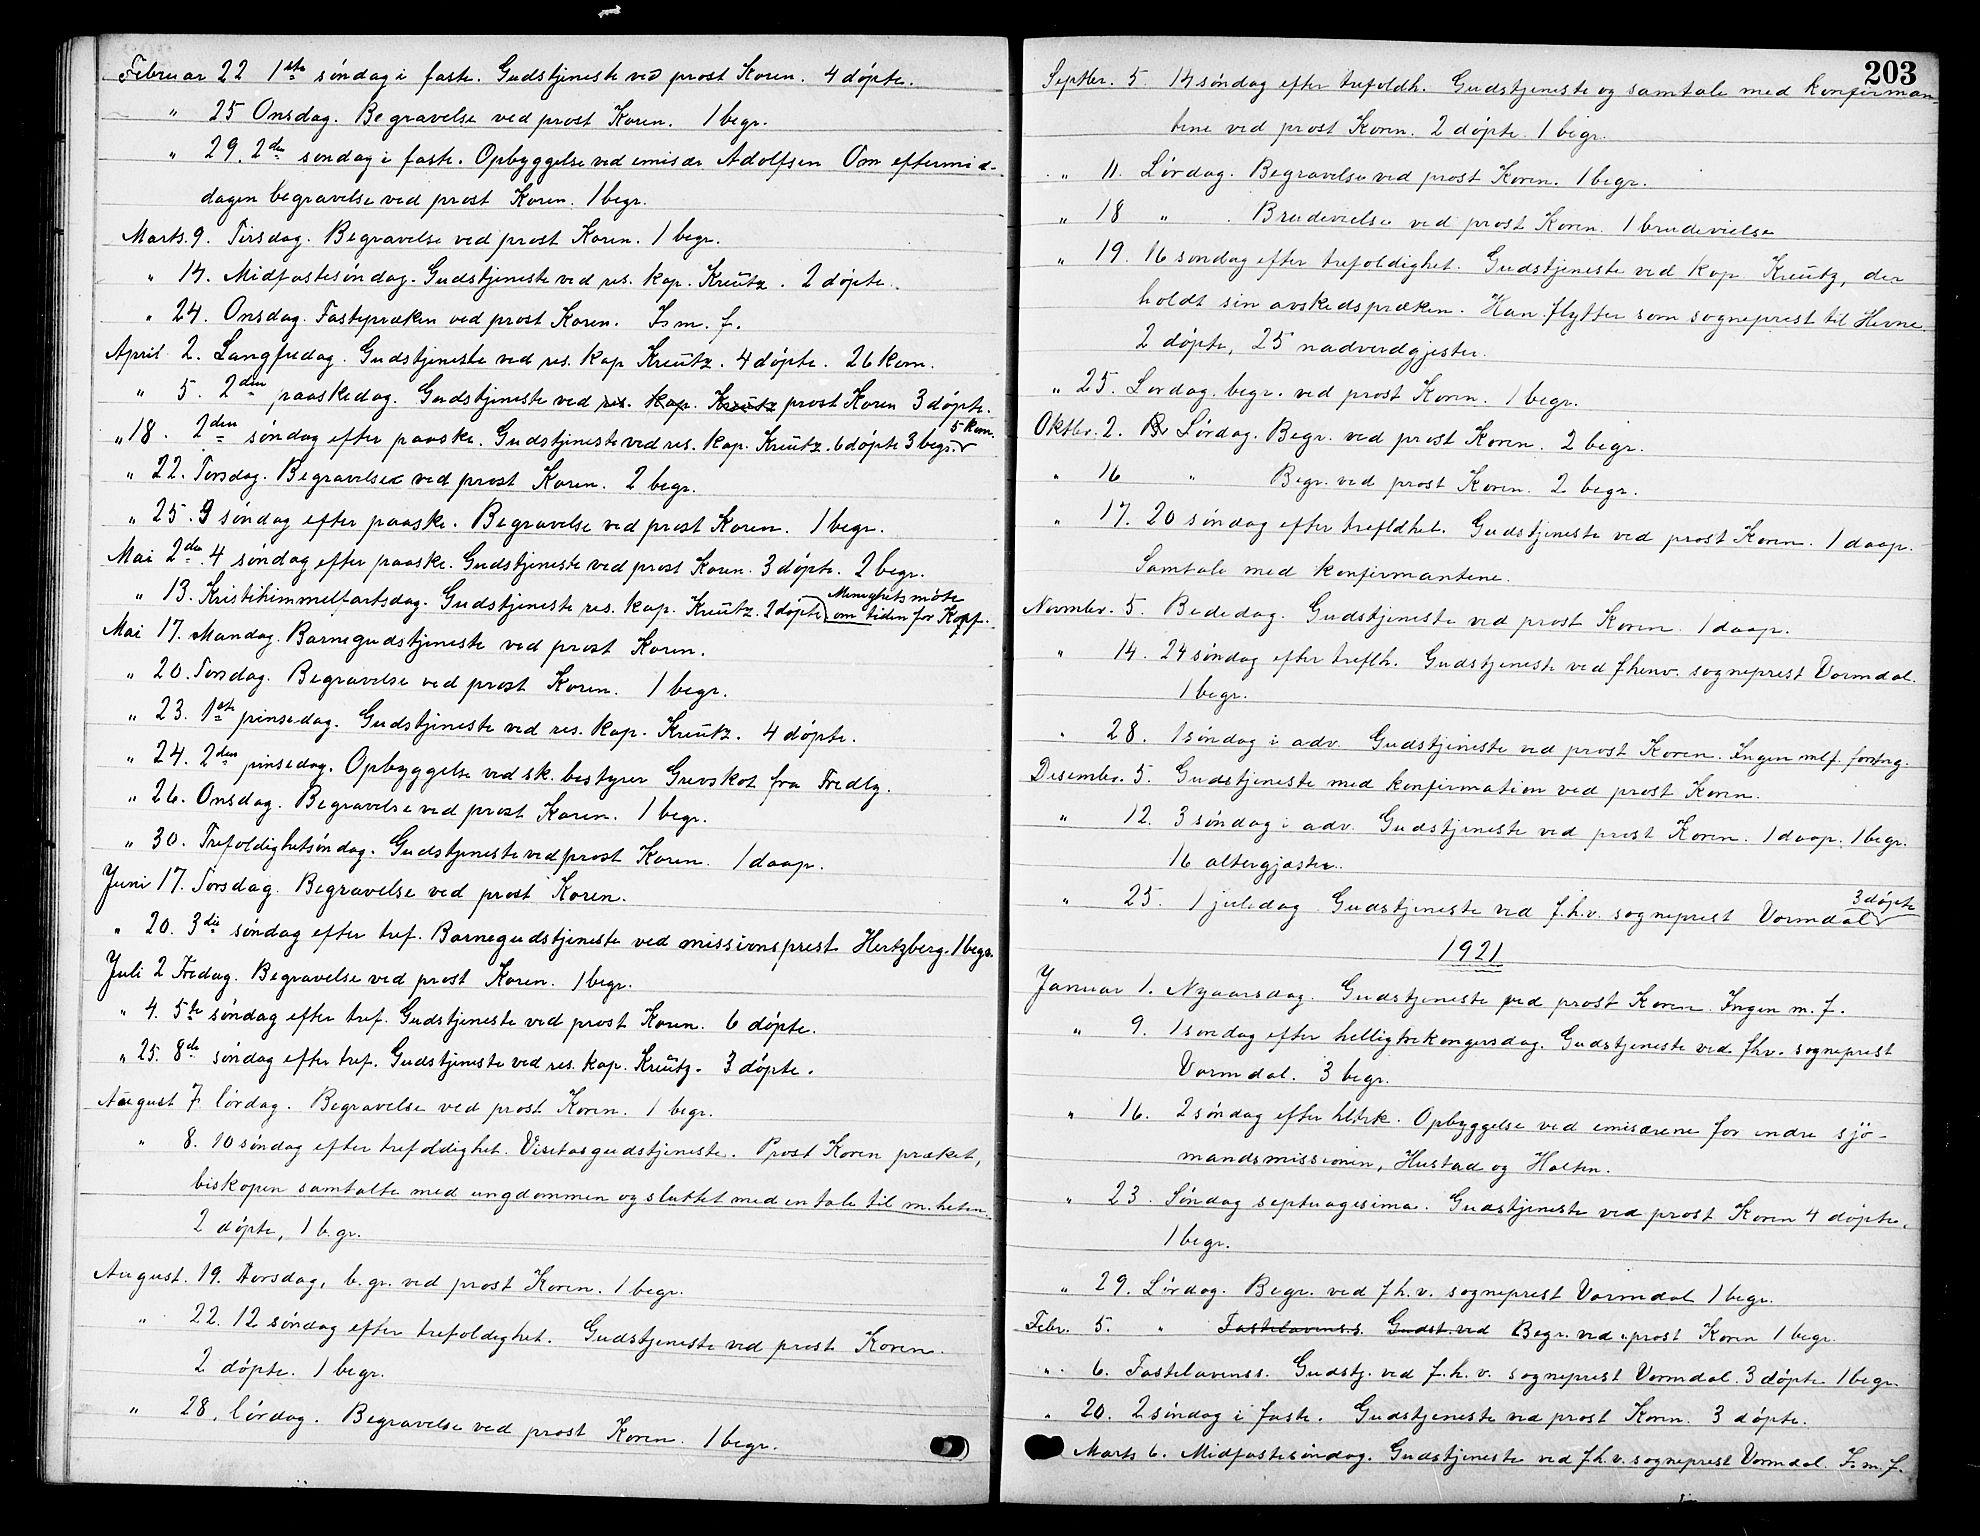 SAT, Ministerialprotokoller, klokkerbøker og fødselsregistre - Sør-Trøndelag, 669/L0831: Klokkerbok nr. 669C01, 1909-1924, s. 203